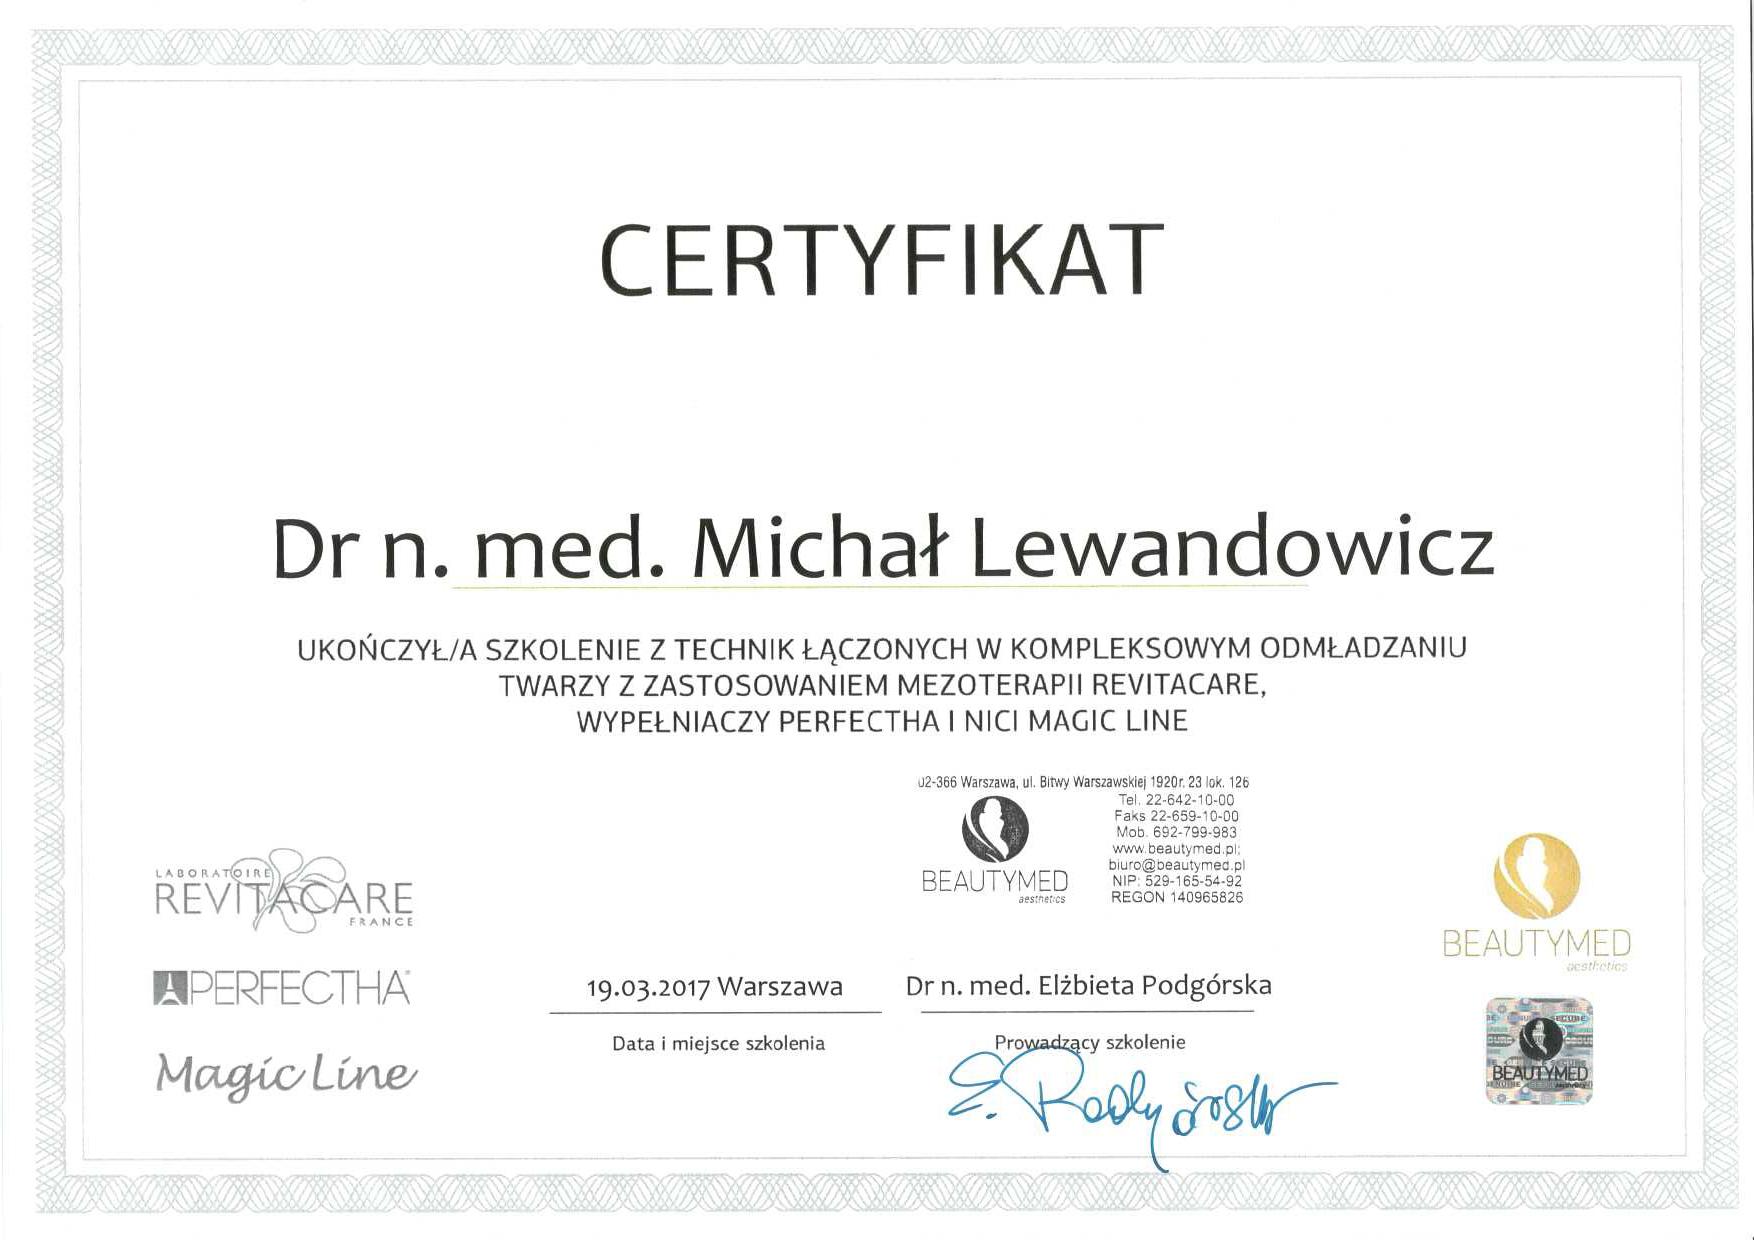 Cert 2017 03 19HAnici - dr n. med. Michał Lewandowicz